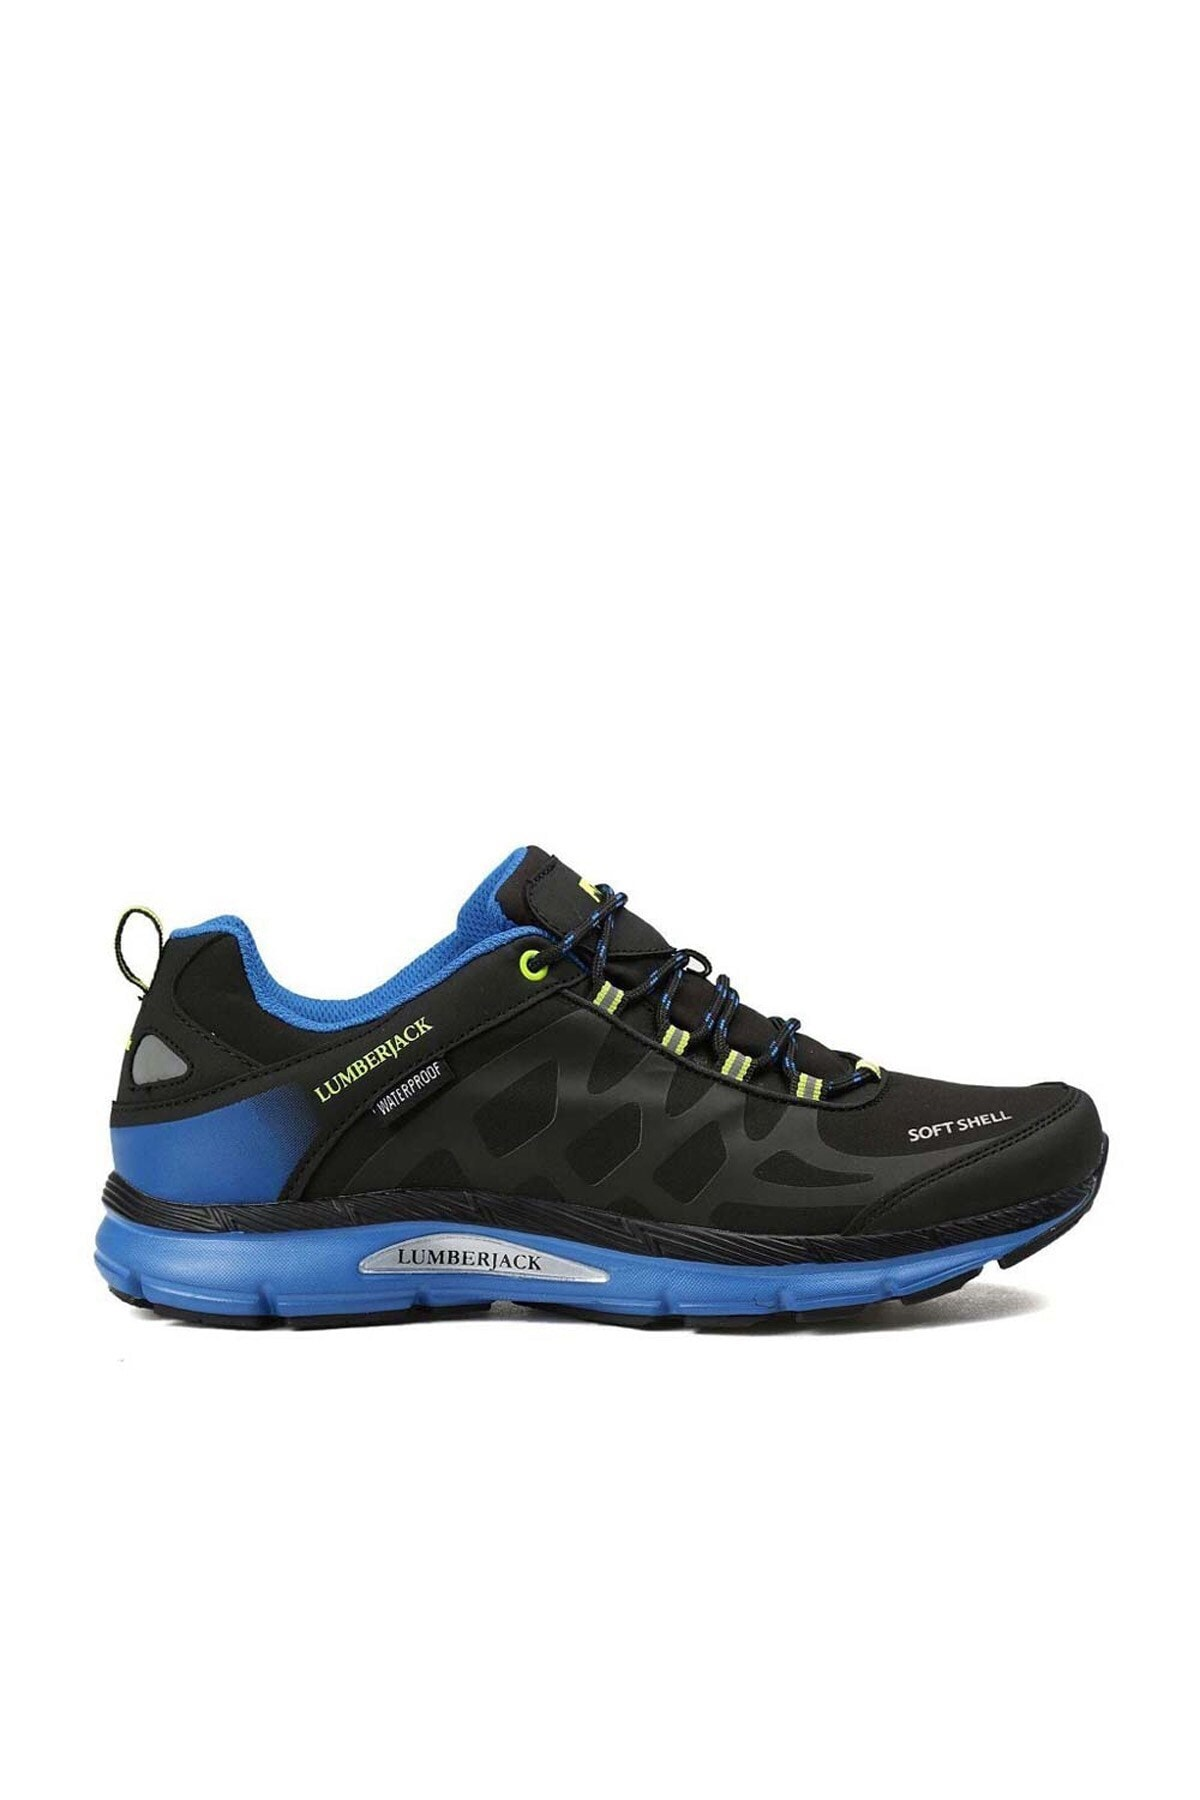 lumberjack 7w Ursa G Kadın Waterproof Ayakkabı 100273485mavı 2